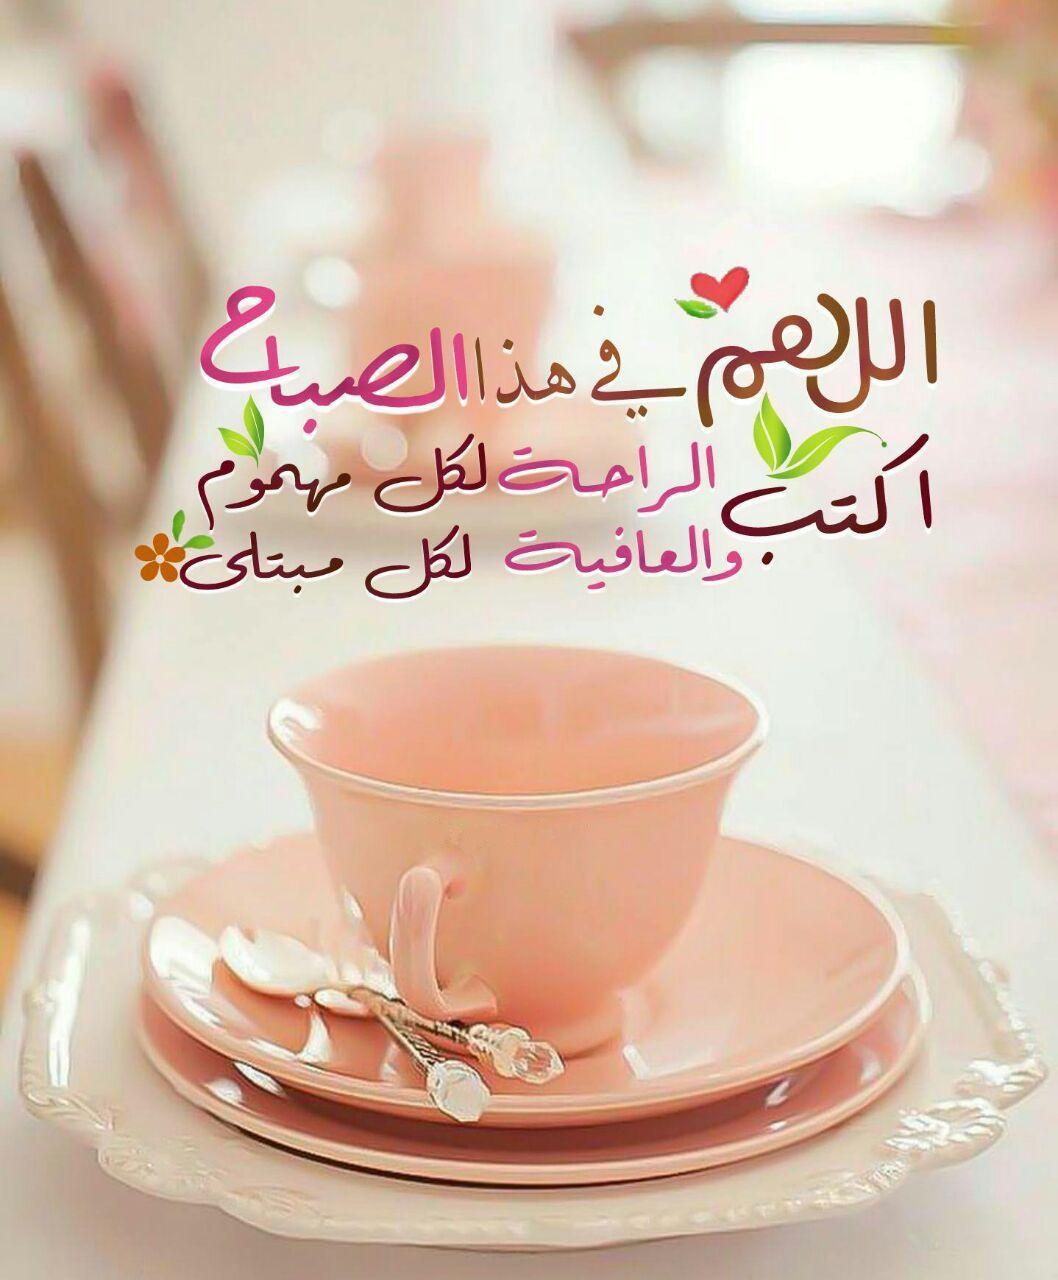 اللهم في هذا الصباح اكتب الراحة لكل مهموم والعافية لكل مبتلي Queen Quotes Glassware Tea Cups